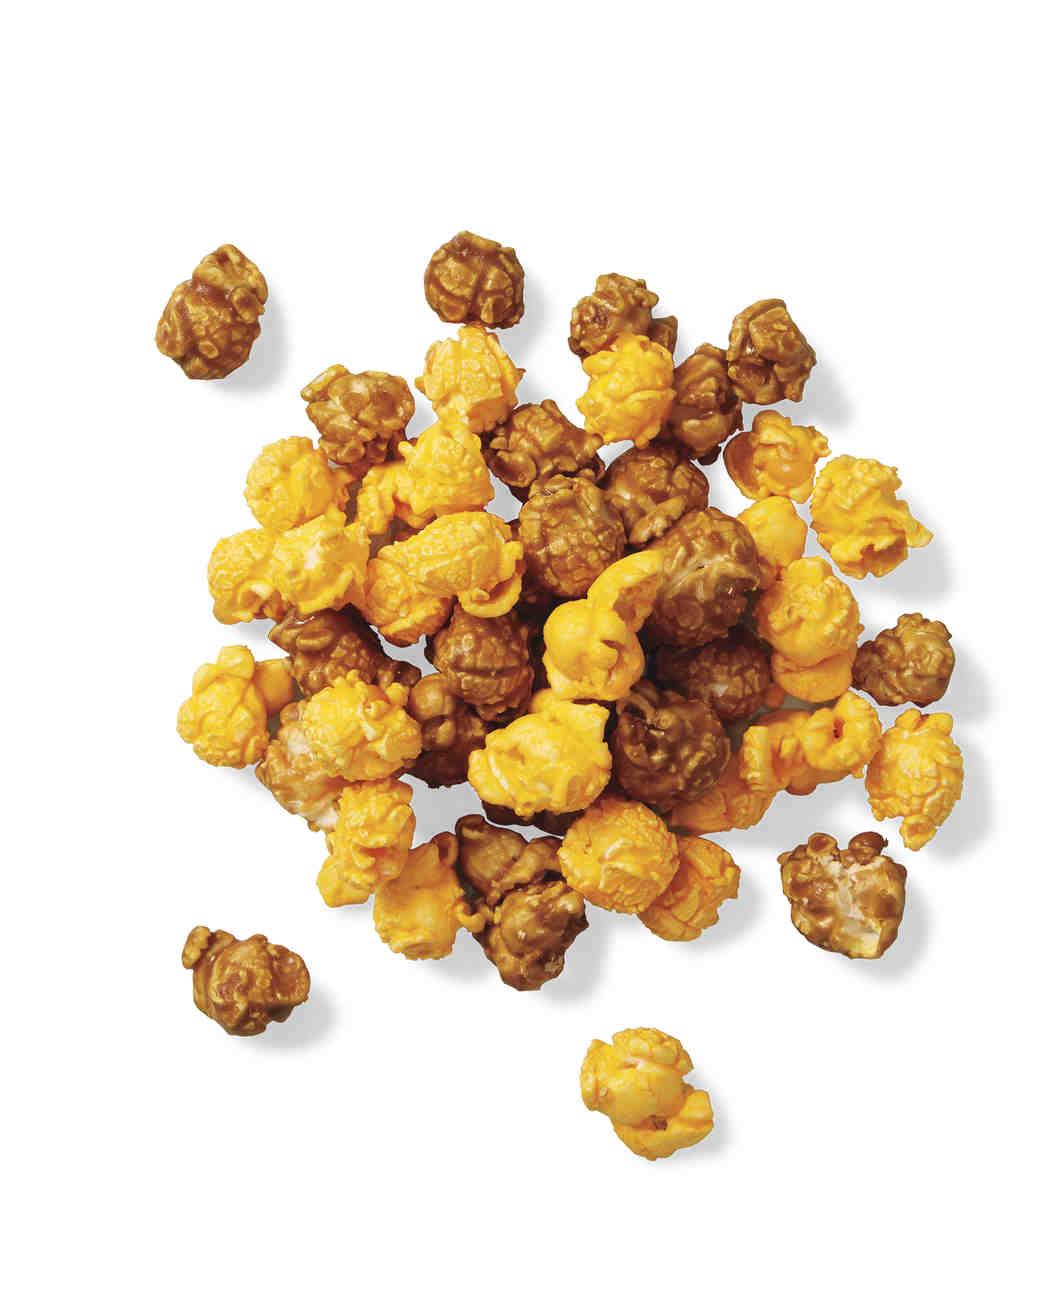 illinois-il-popcorn-three-129-d111965.jpg